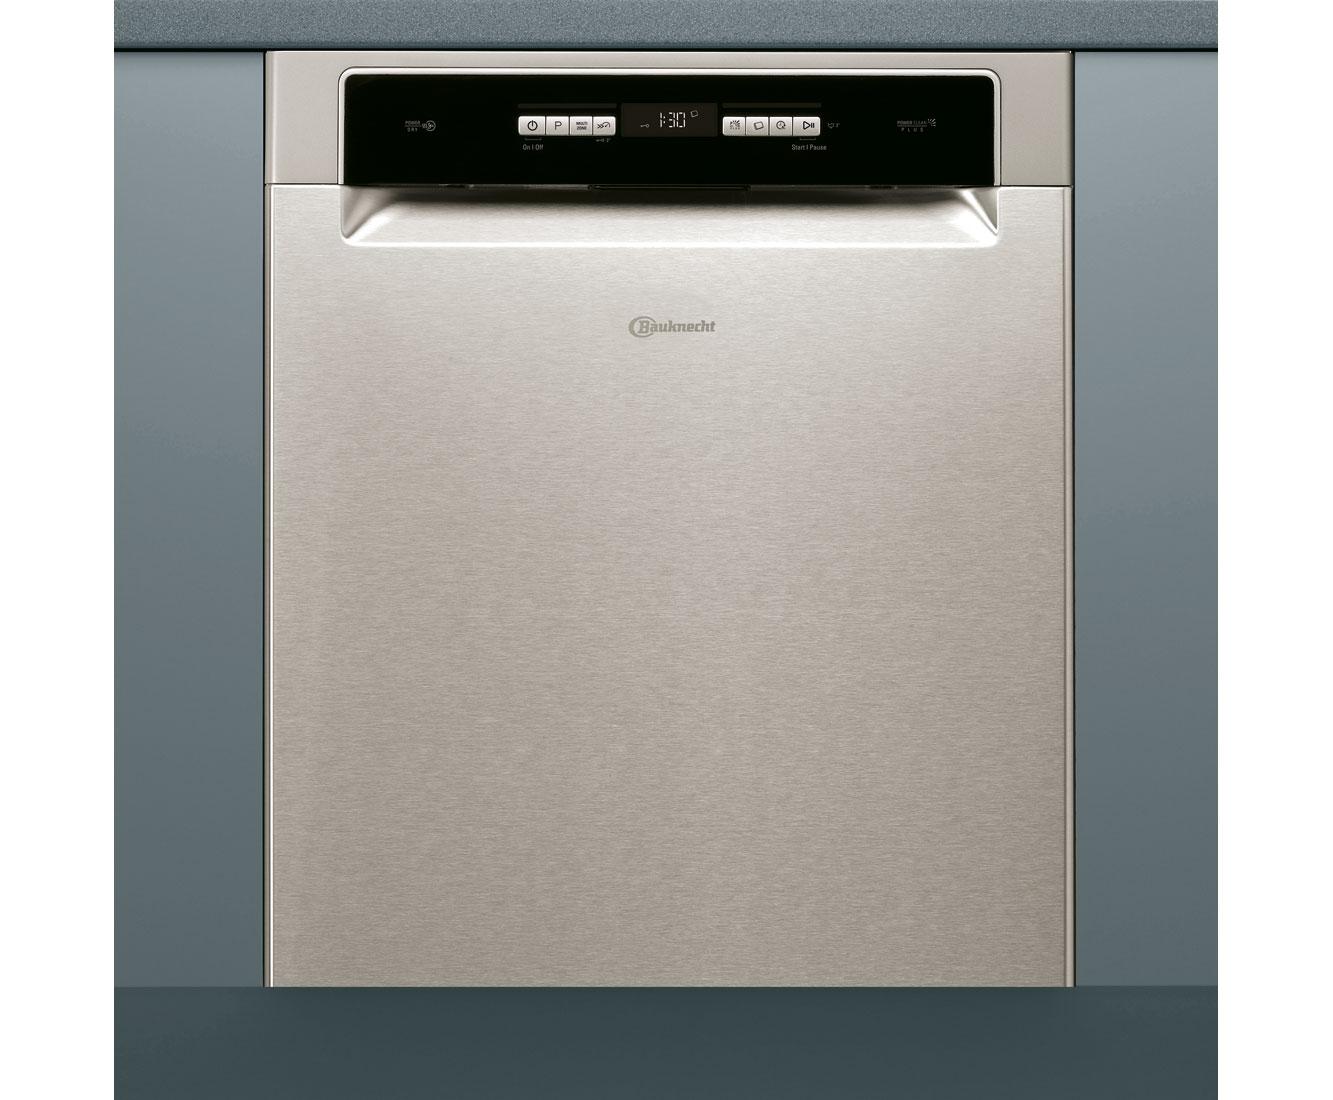 Bauknecht BKUO 3T334 DLM XA Geschirrspüler 60 cm - Edelstahl-Effekt   Küche und Esszimmer > Küchenelektrogeräte > Gefrierschränke   Edelstahl   Bauknecht